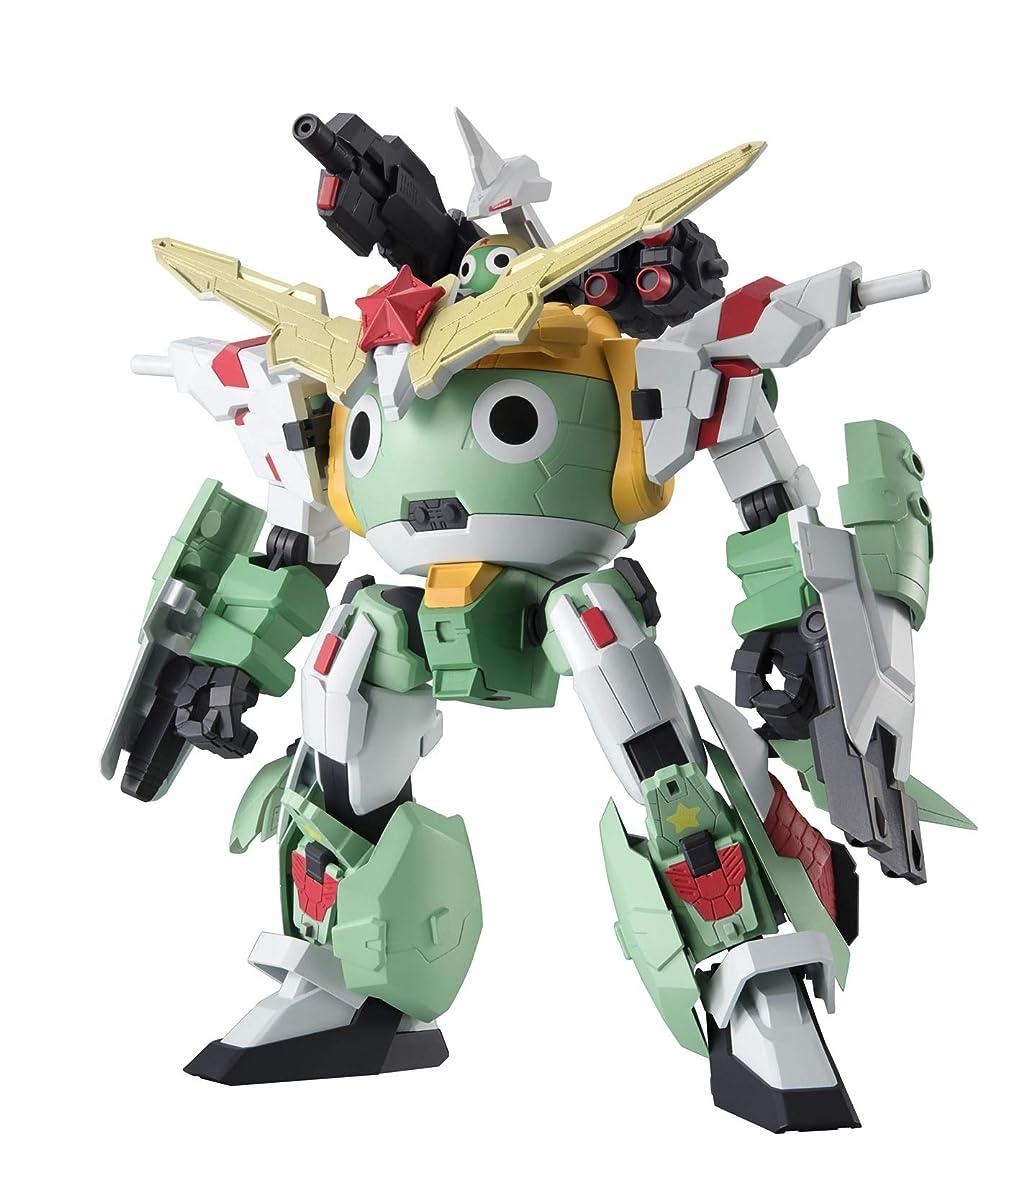 KERORO DAMASHII ROBOT SPIRITS Sergeant Frog TAMAMA ROBO UC Figure BANDAI NEW